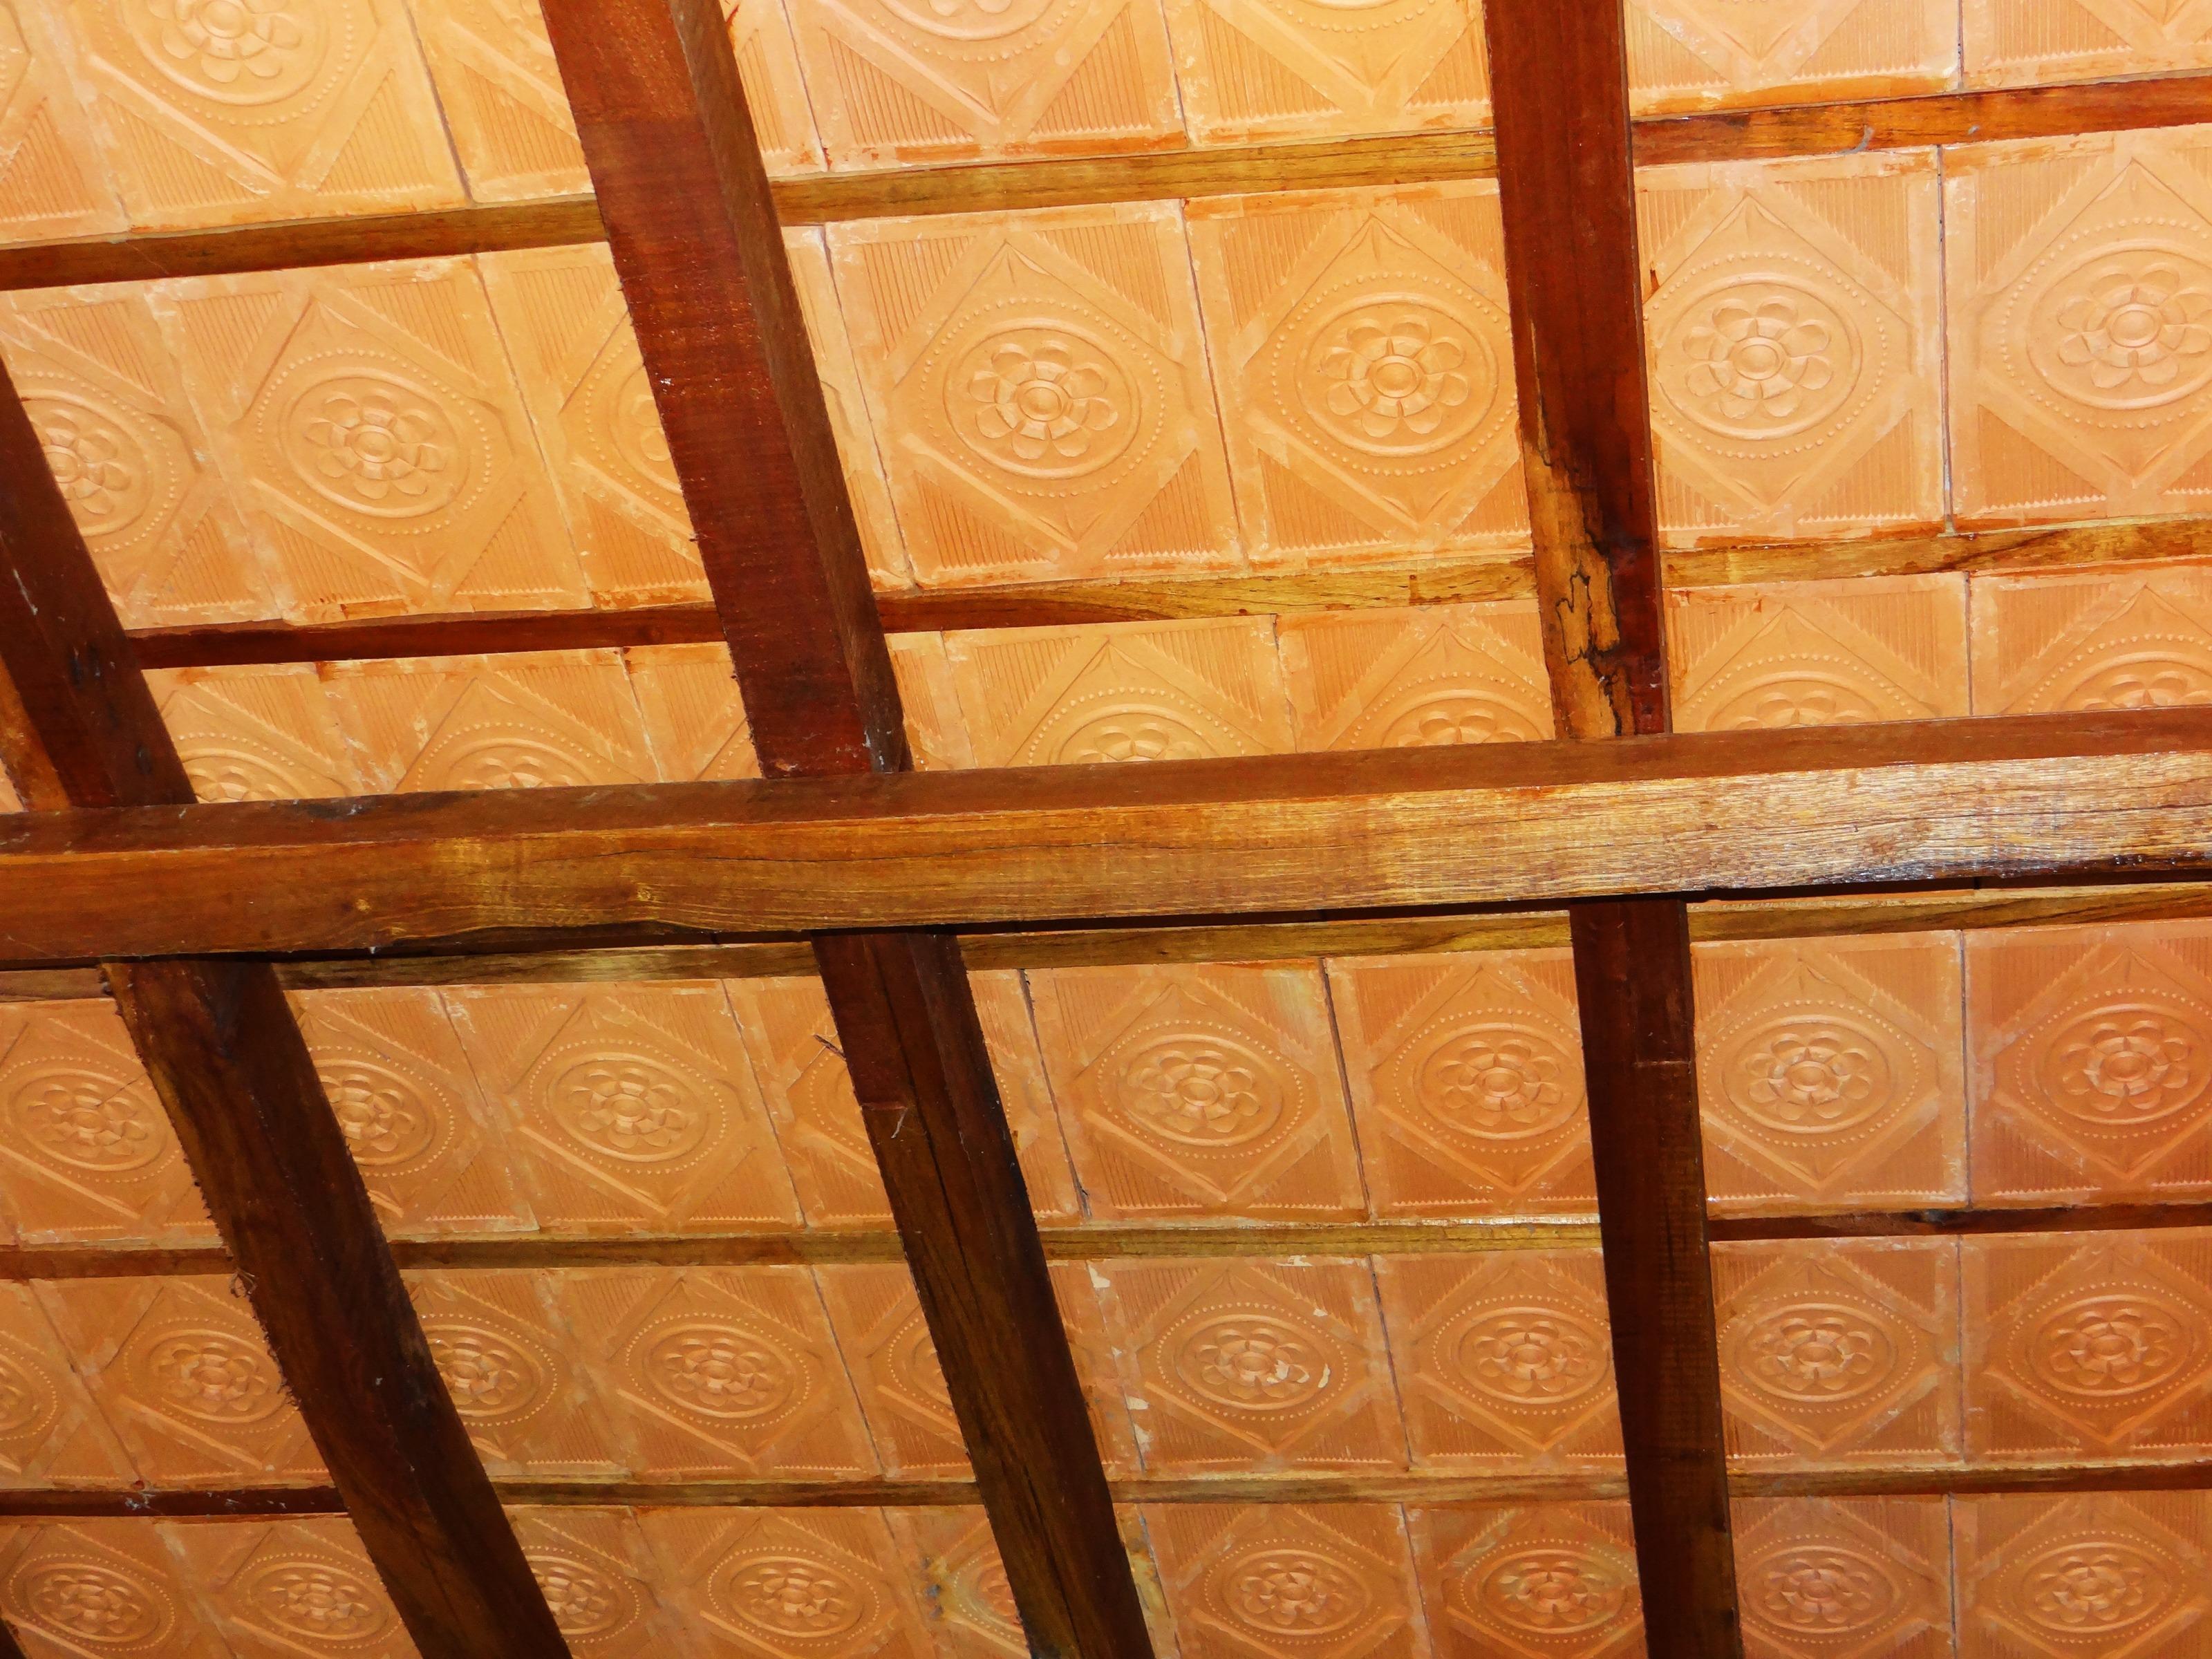 무료 이미지 : 빔, 천장, 무늬, 가구, 방, 벽돌, 디자인, 견목, 인도 ...